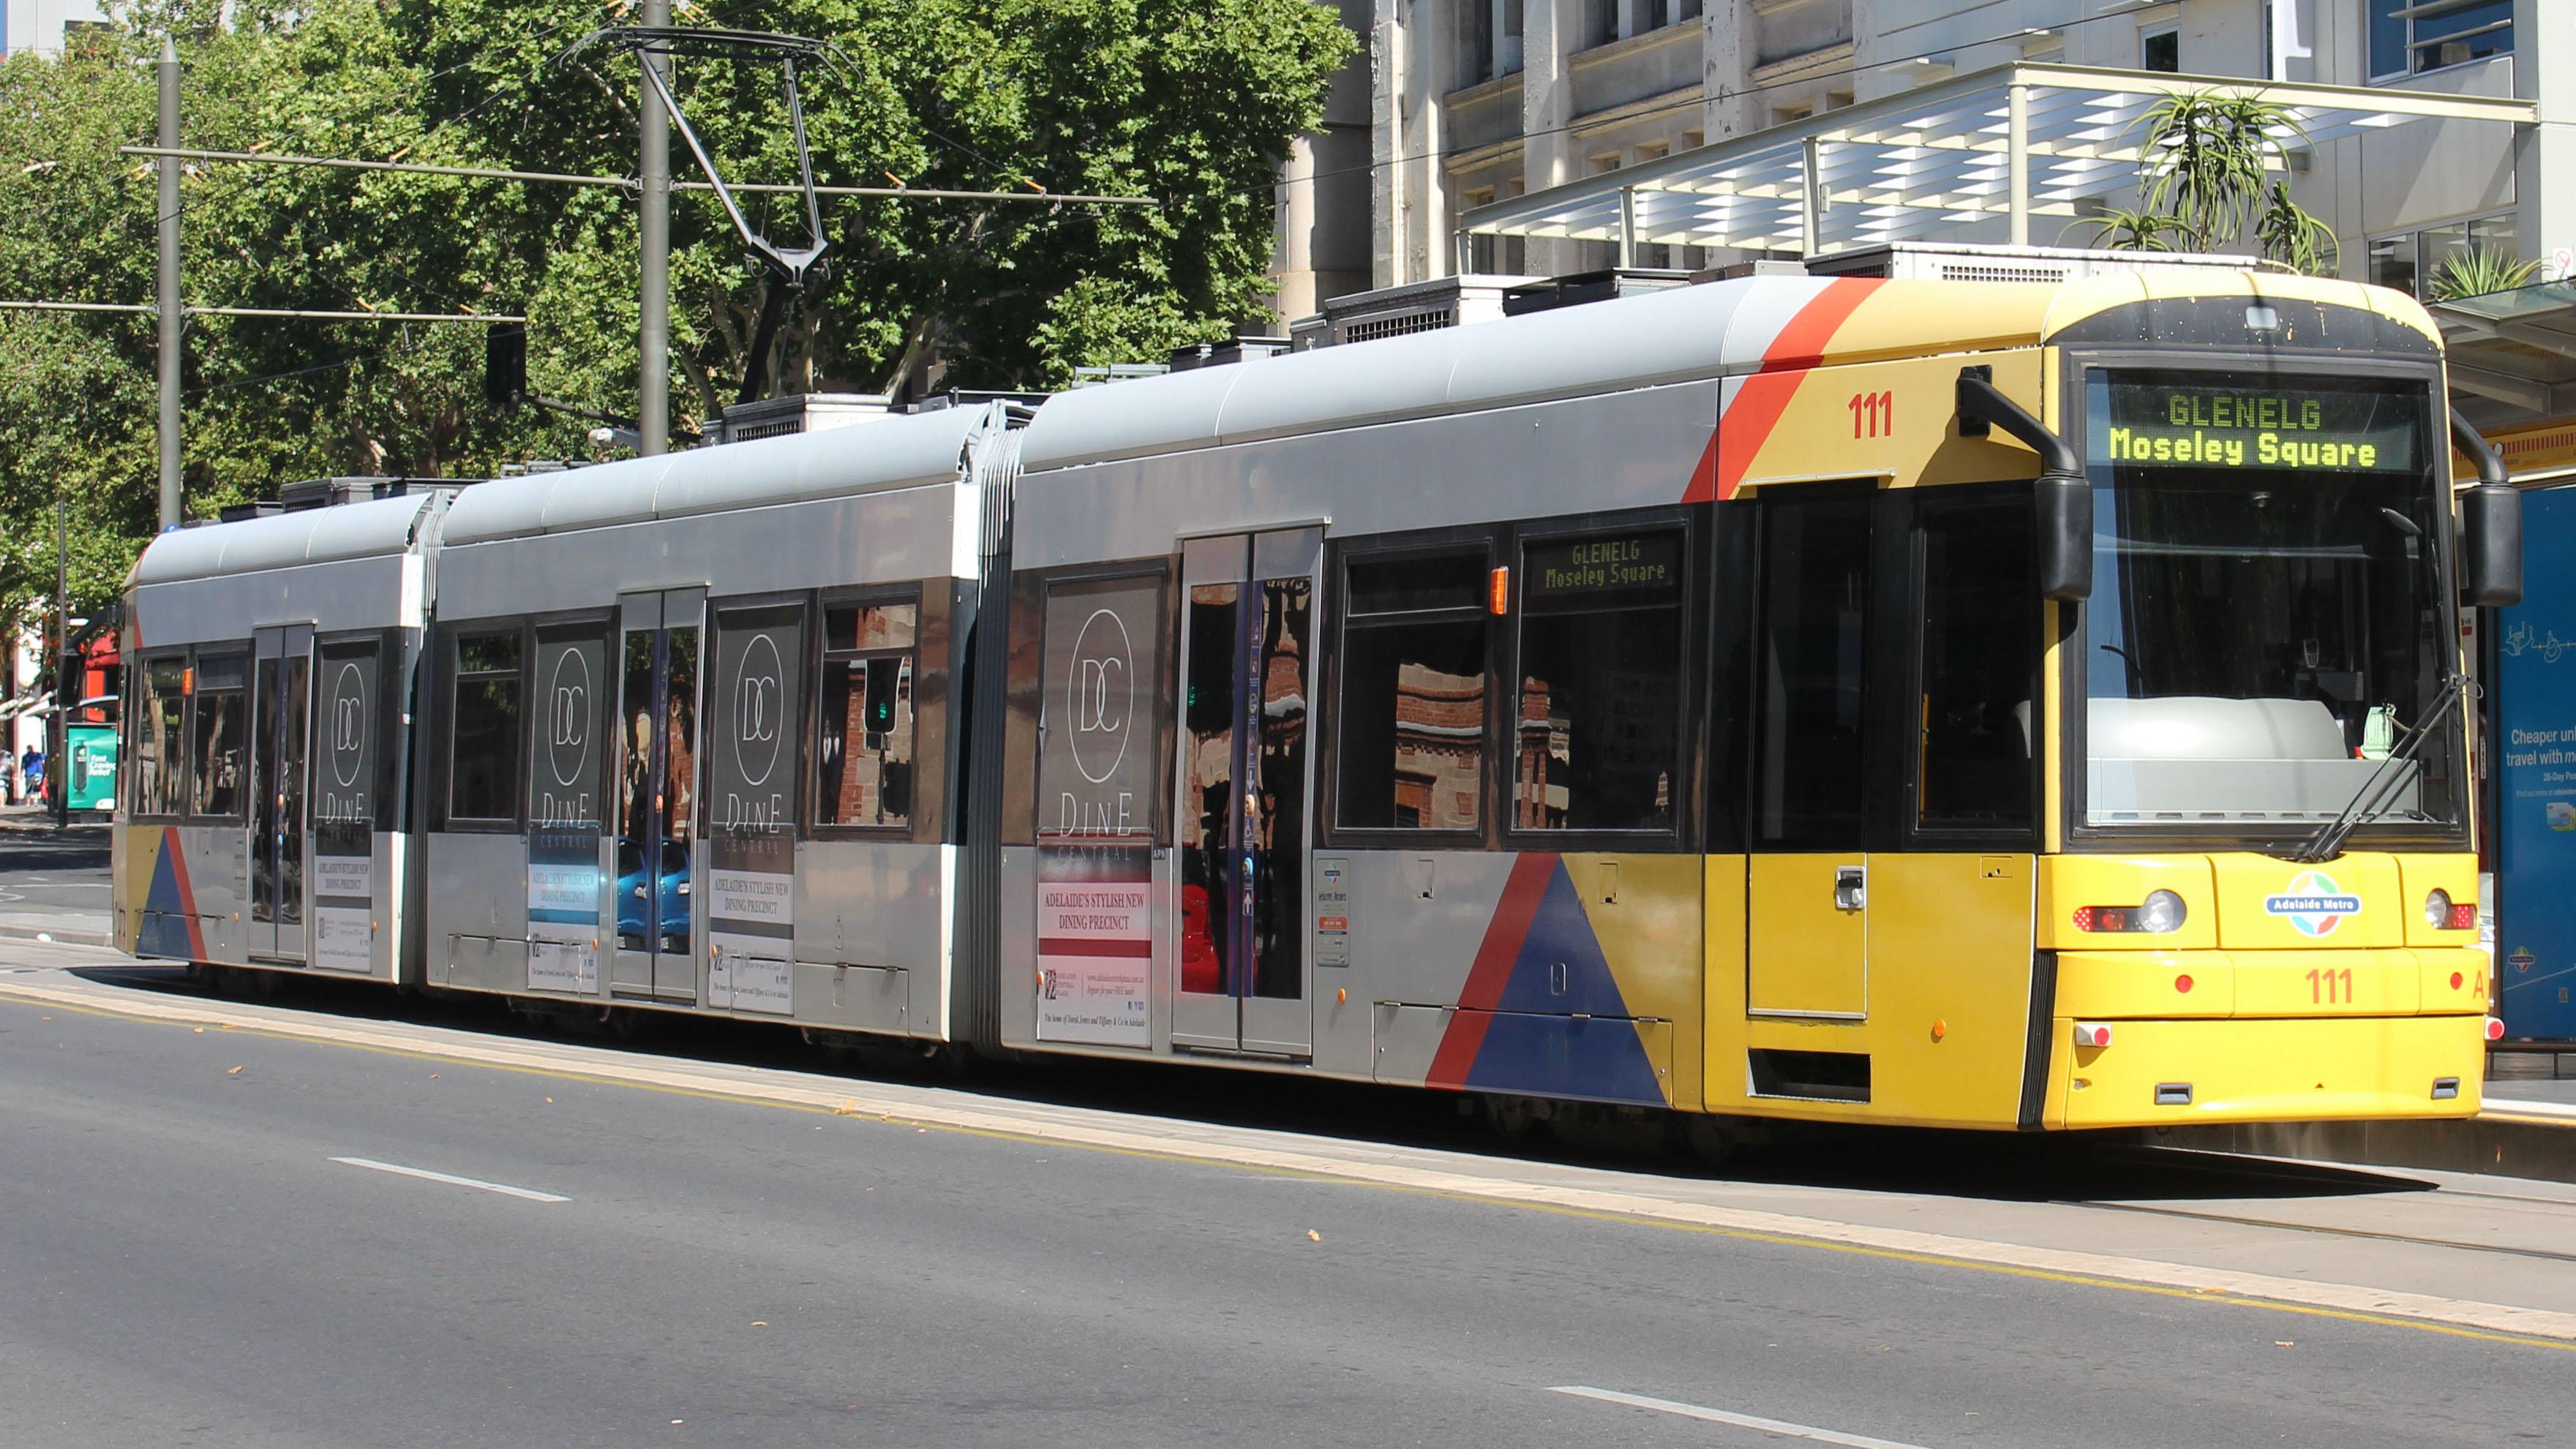 Adelaide_Metro_Glenelg_Tram_(Flexity_Classic).JPG